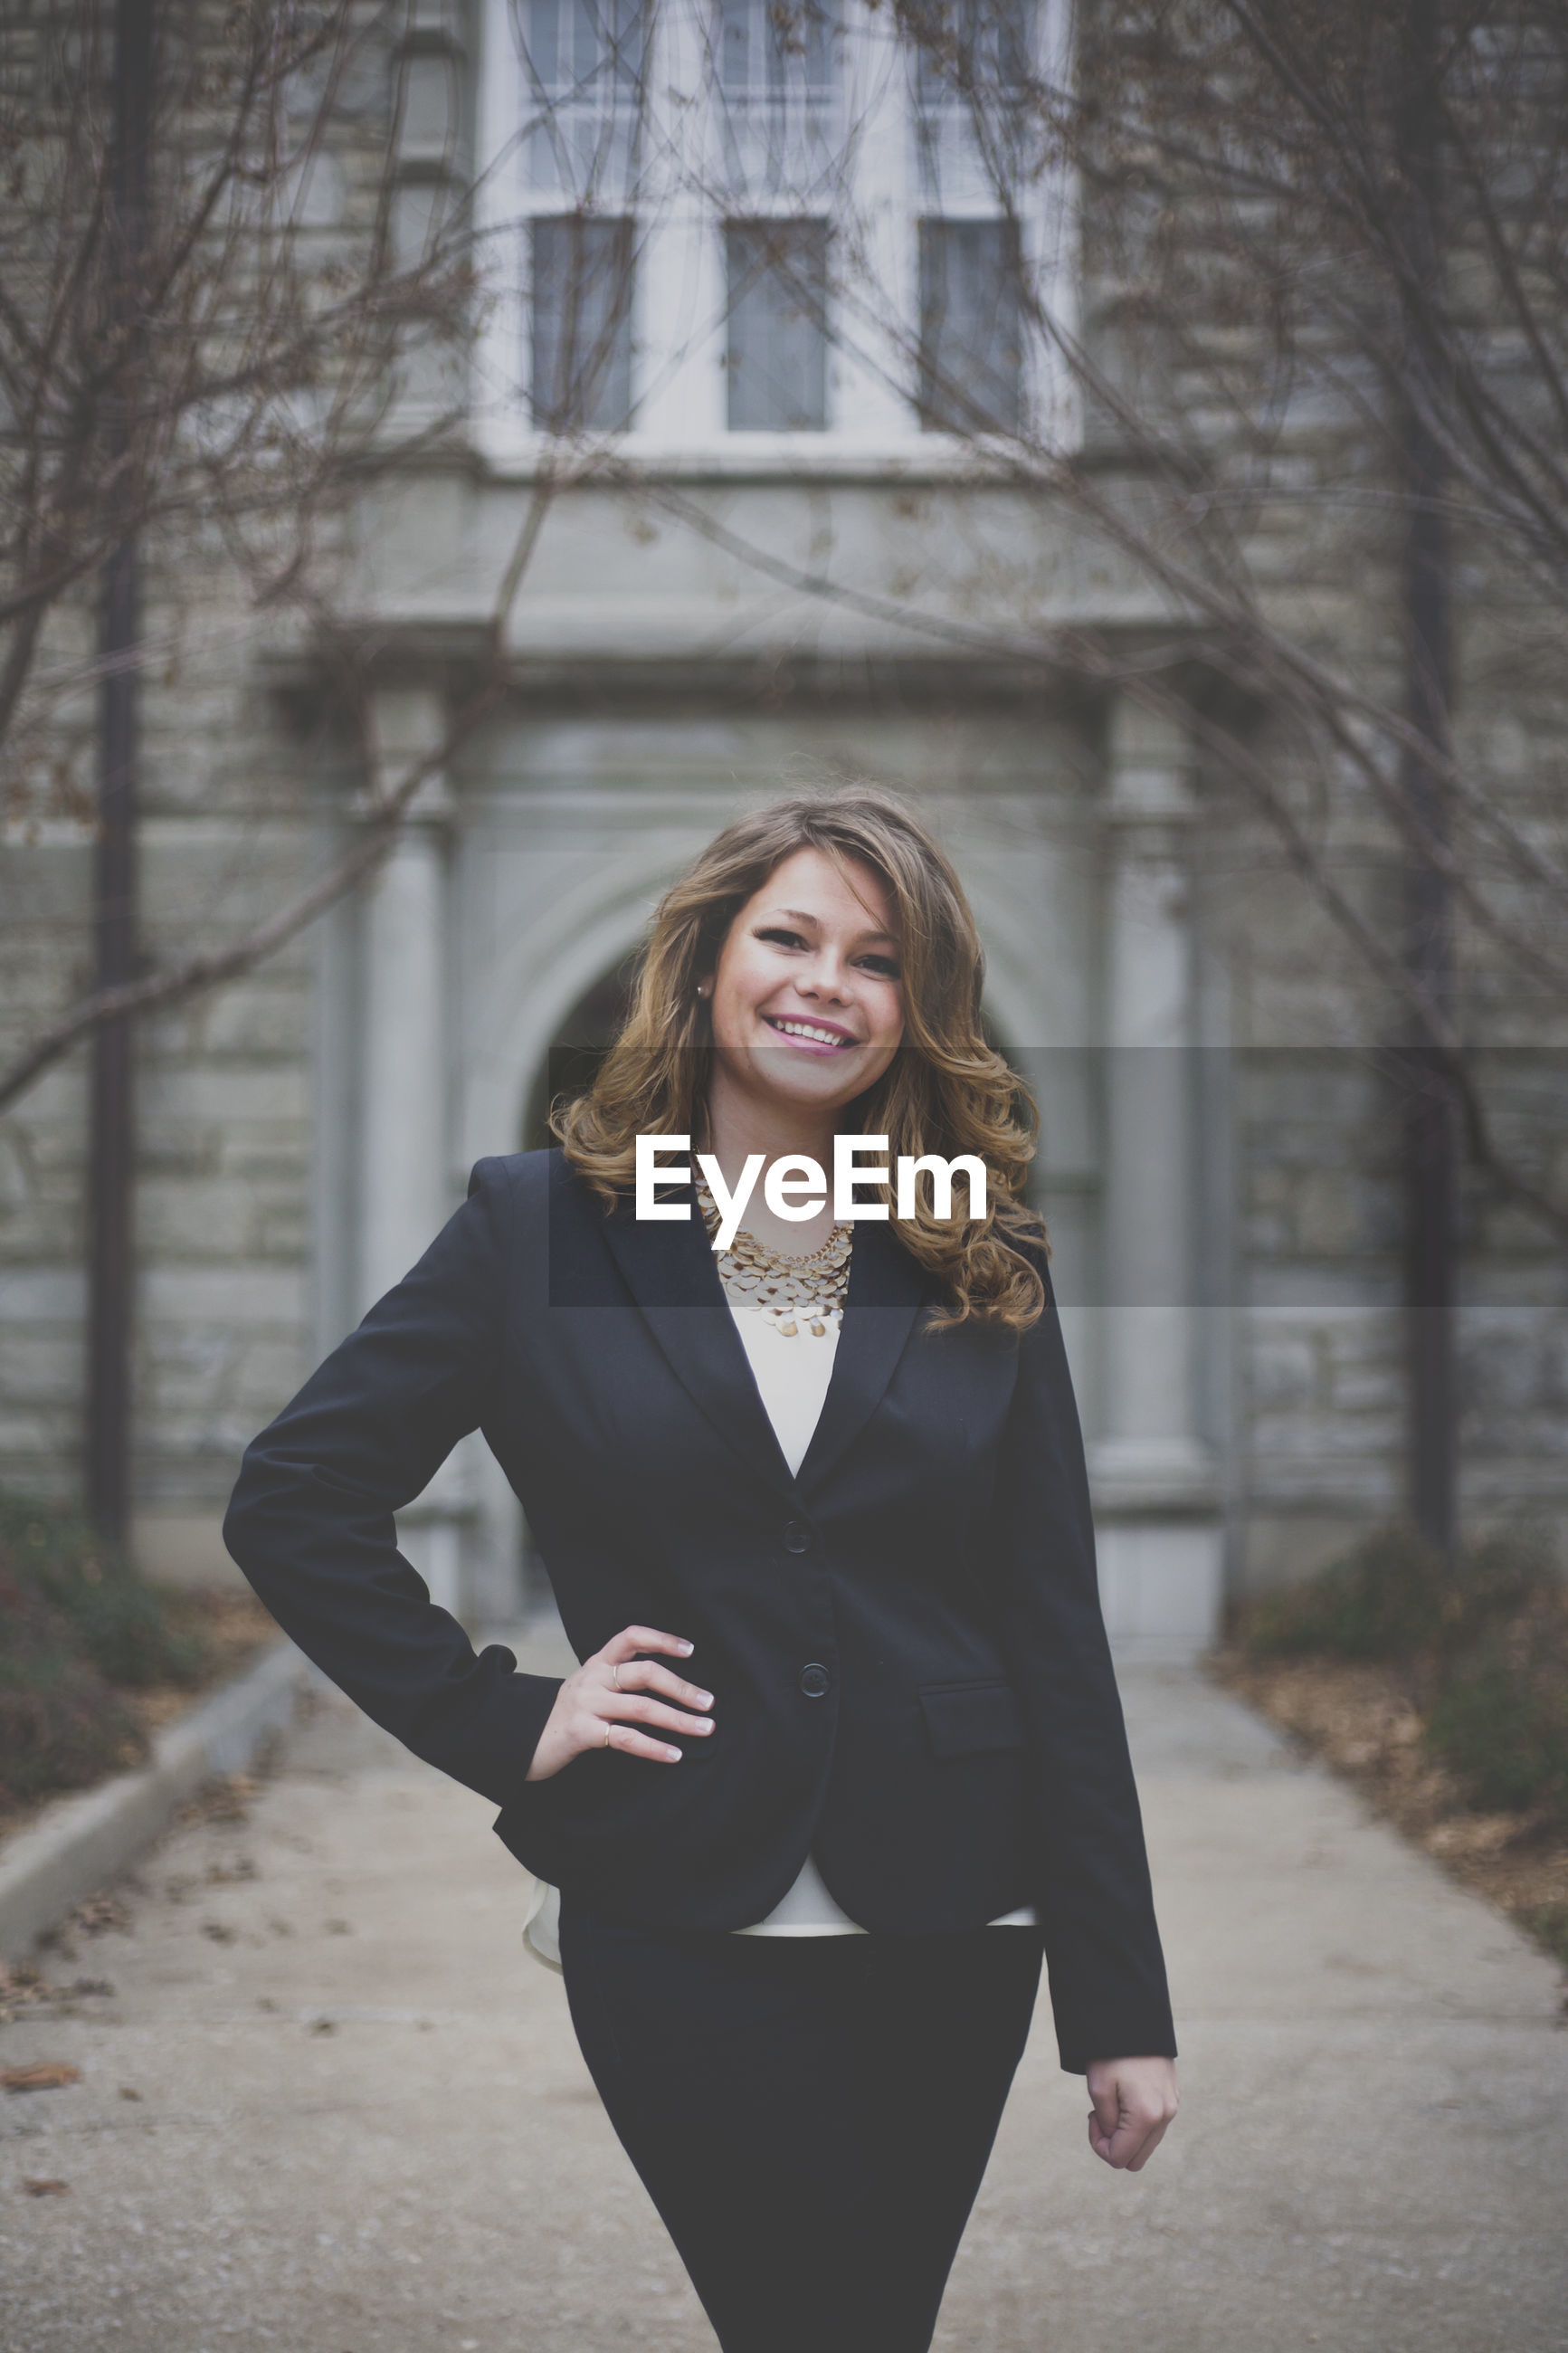 Portrait of beautiful businesswoman against building